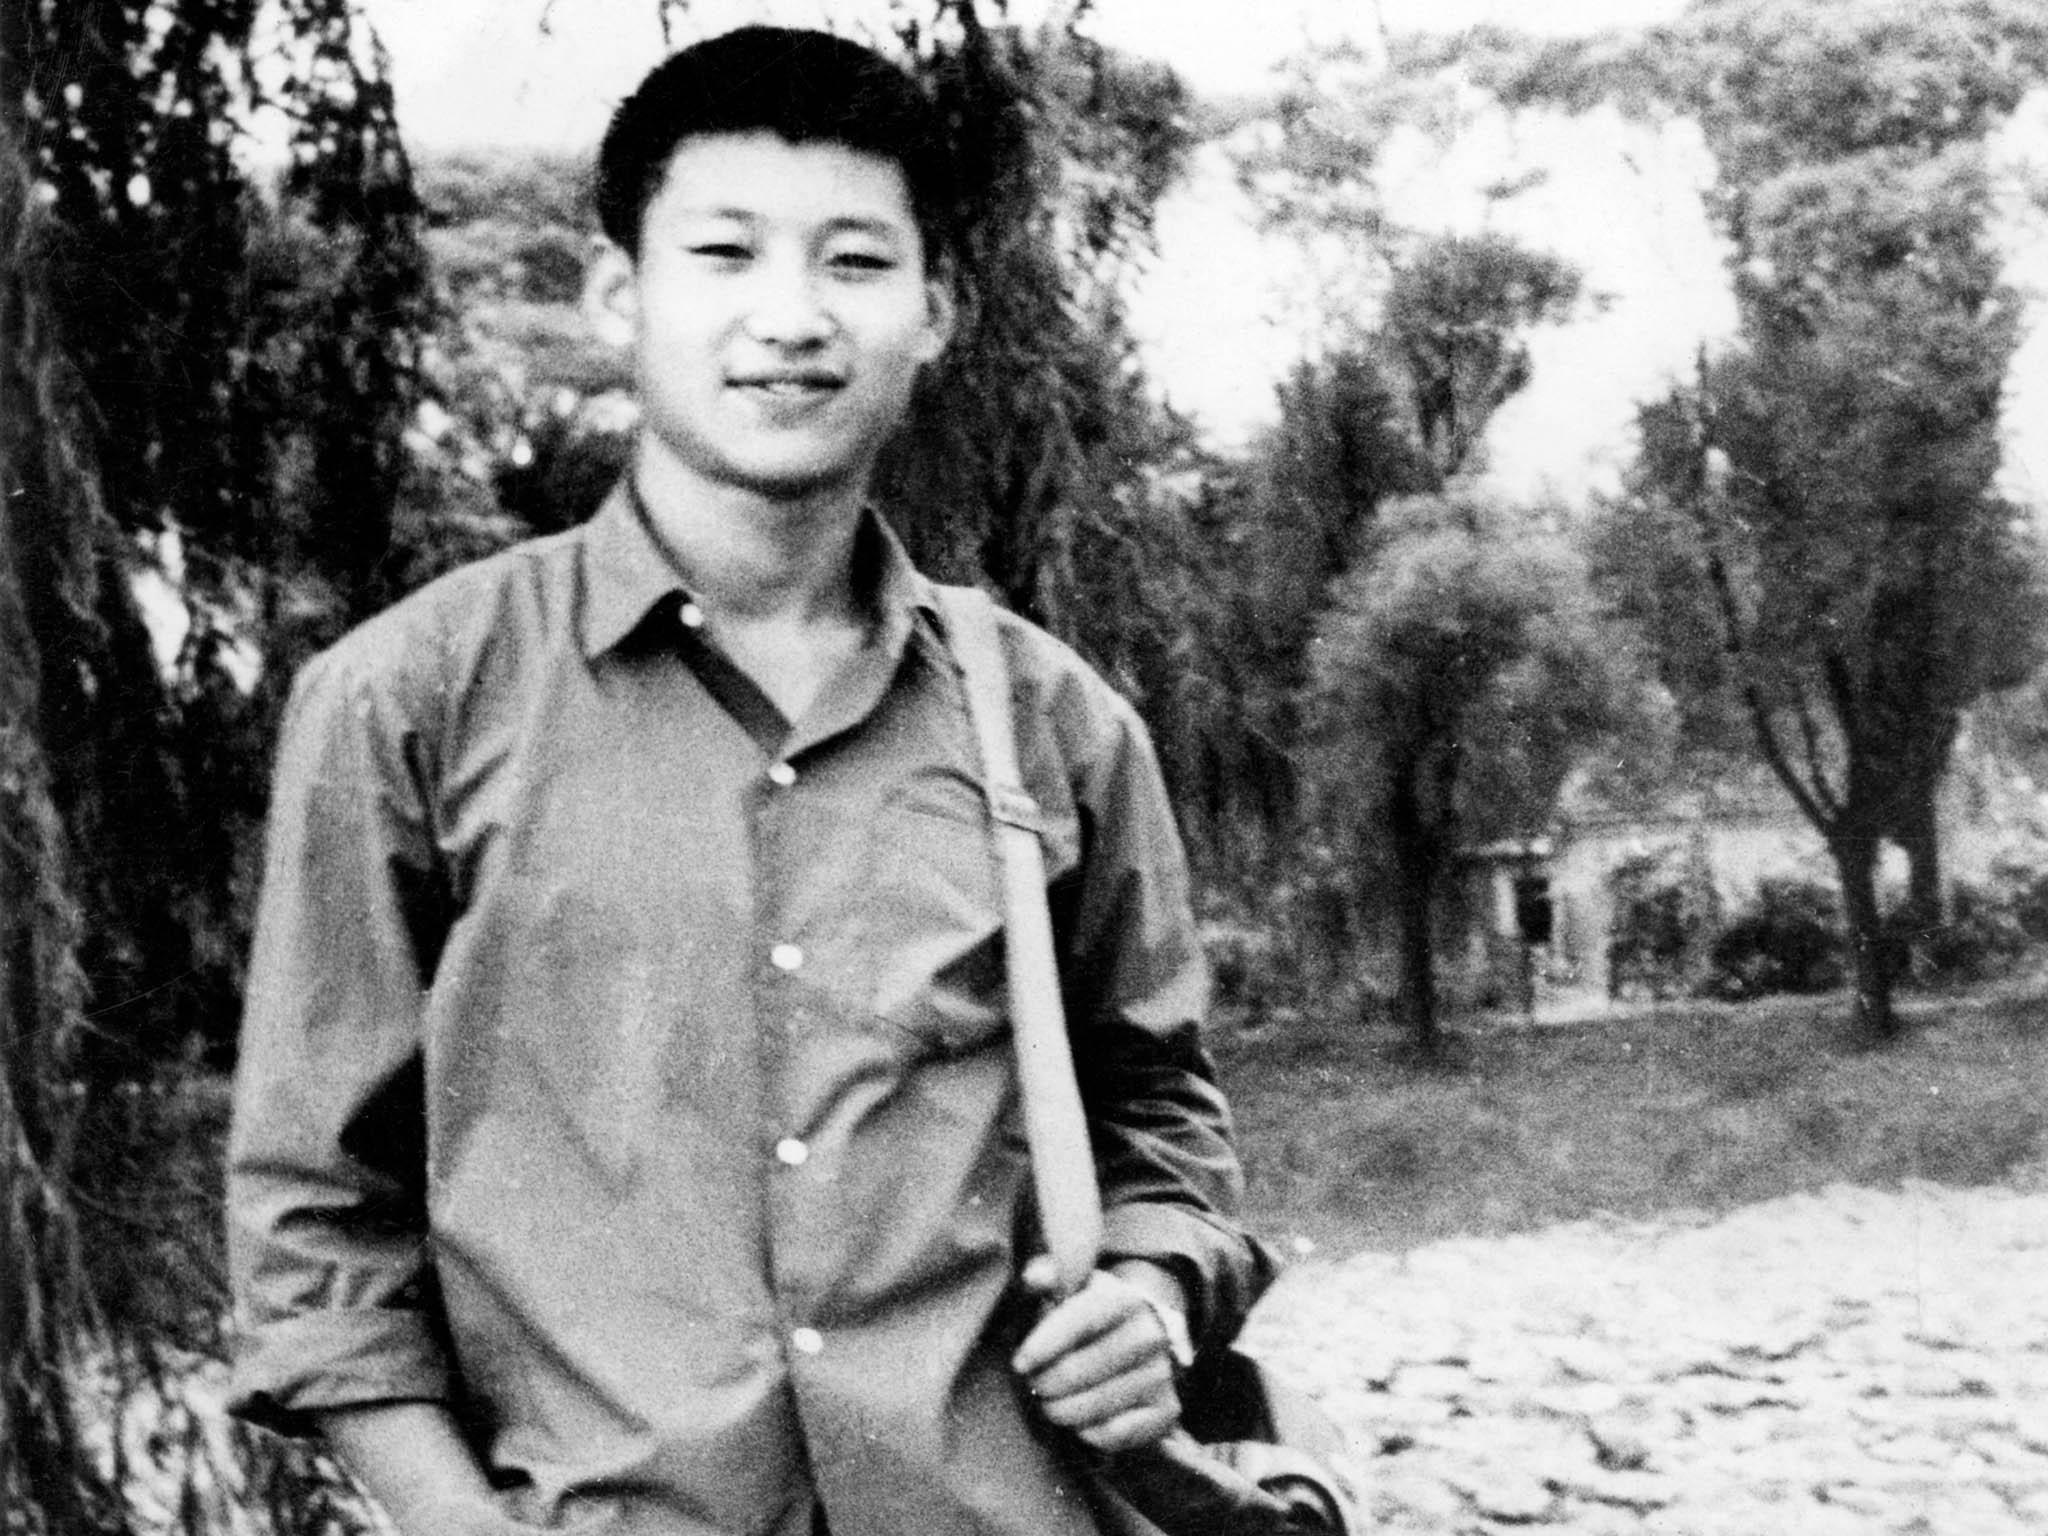 Mládí Si Ťin-pchinga (na snímku zroku 1972 mu bylo 19 let) poznamenalo politické zavržení jeho otce akariéru začal budovat až pootcově rehabilitaci vroce 1978.